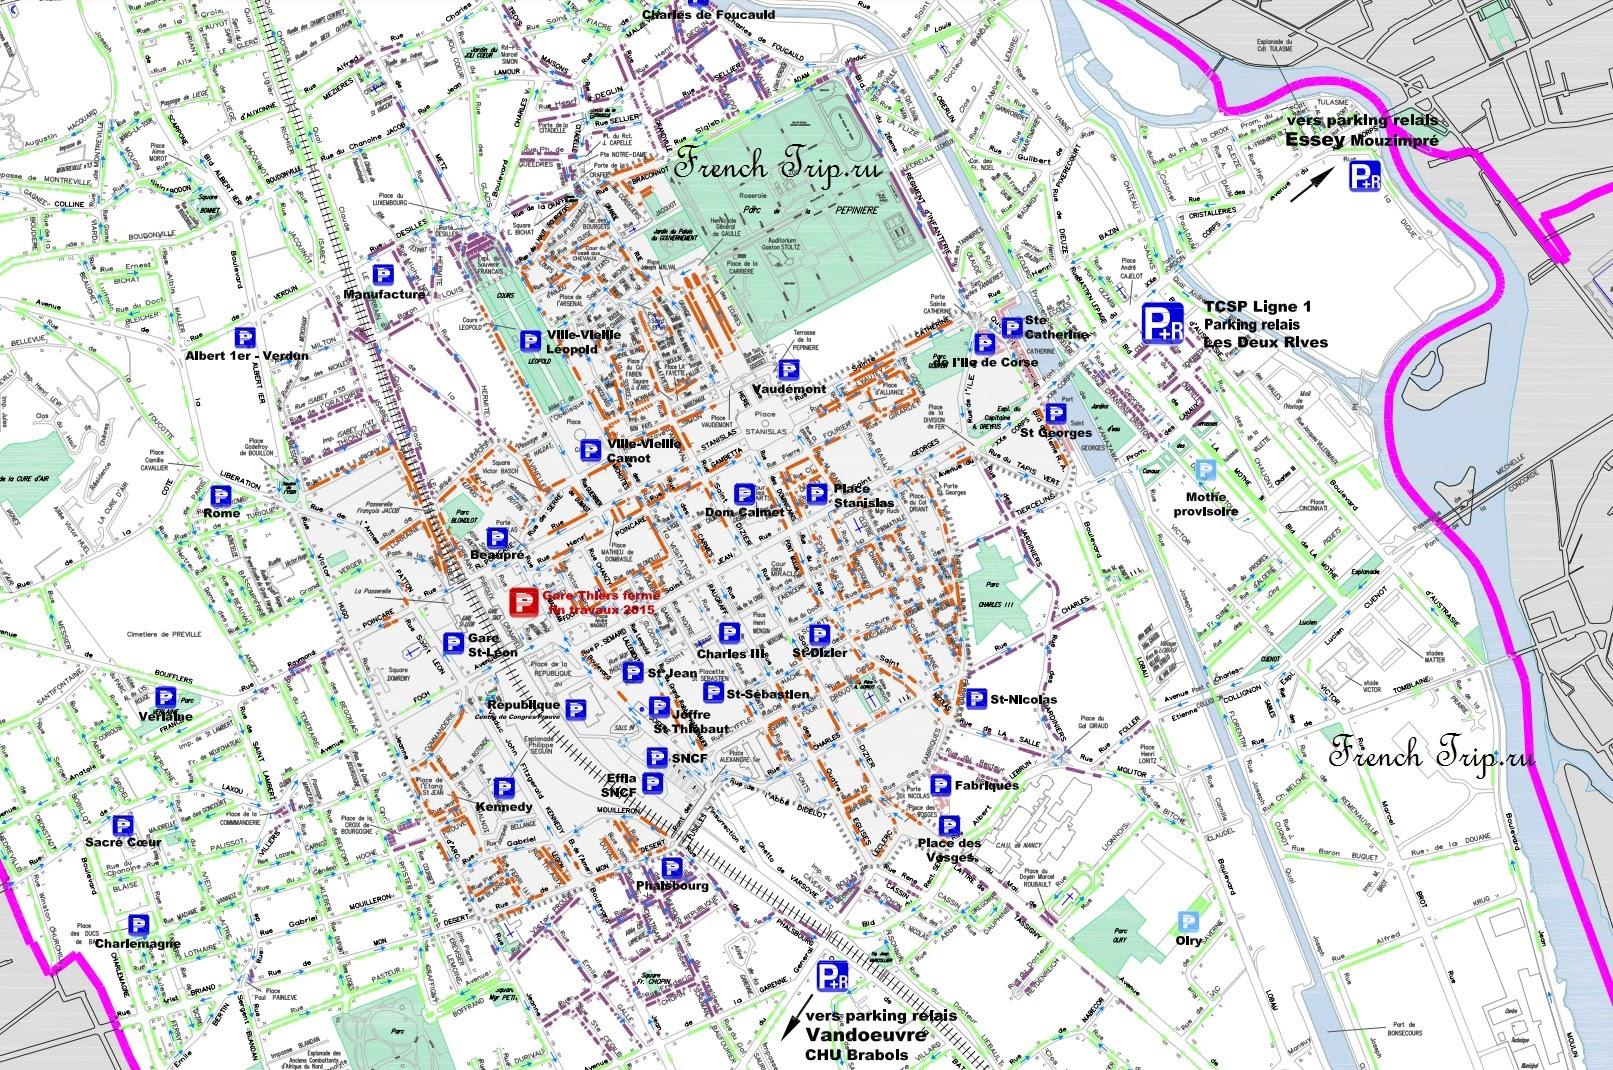 Паркинги в Нанси на карте города - Парковки в Нанси